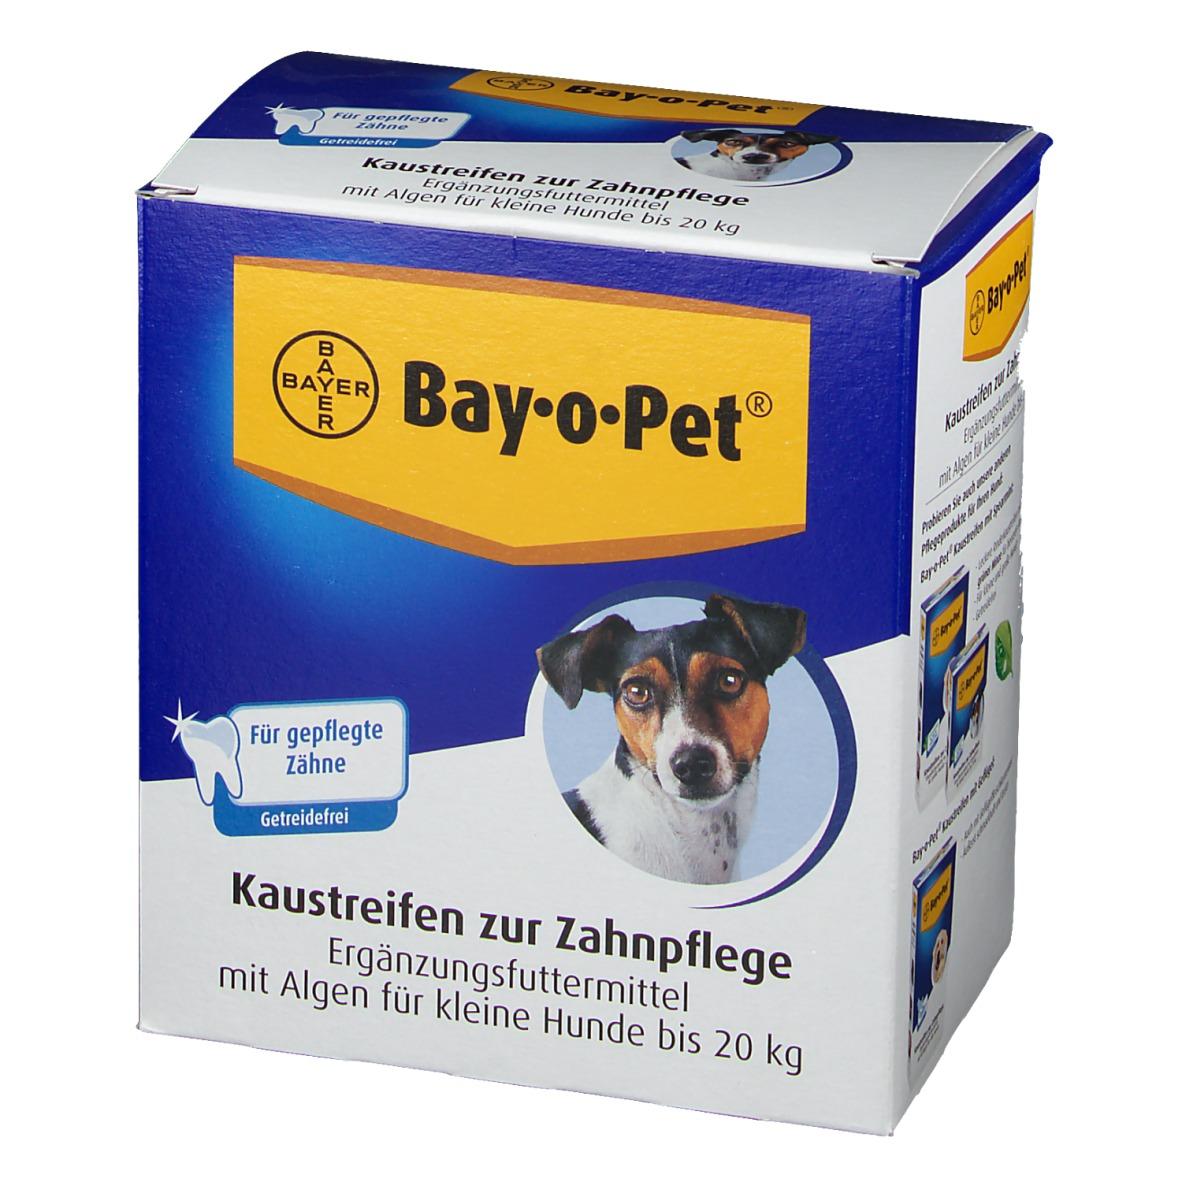 Bay-o-Pet® Zahnpflege Kaustreifen mit Alge für kleine Hunde